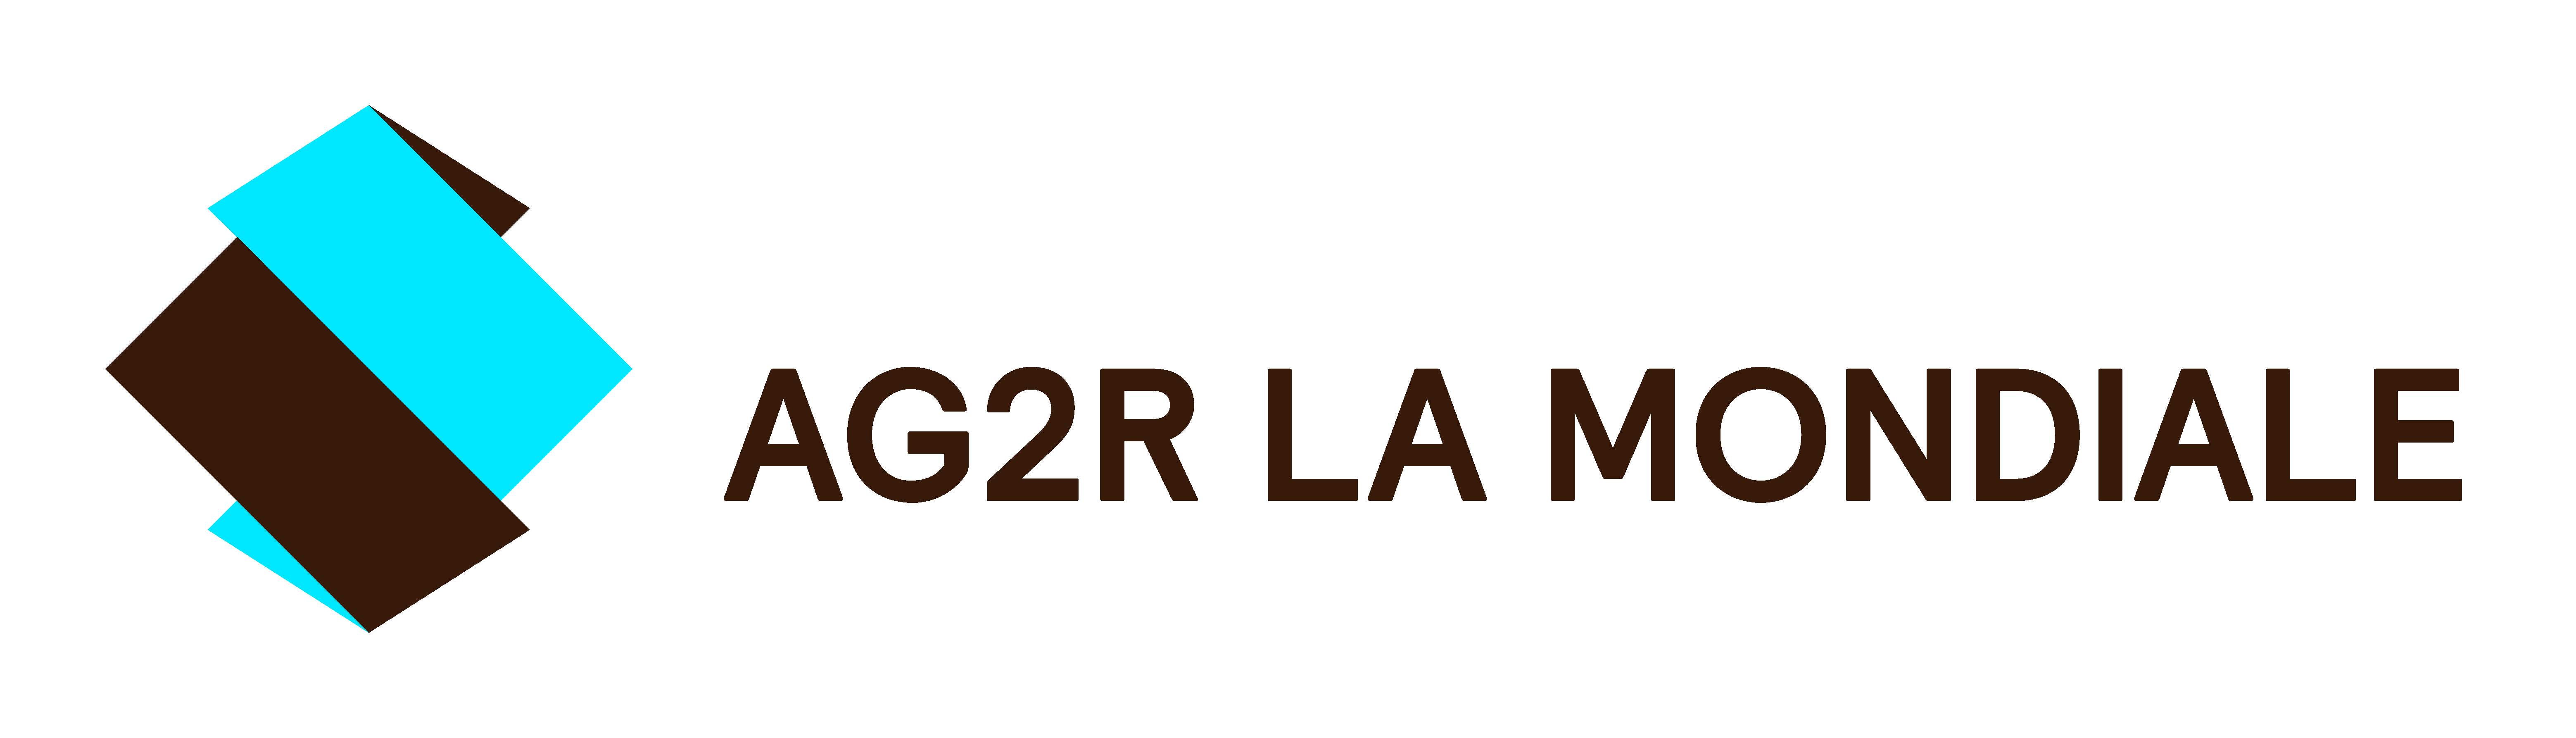 Votre logo